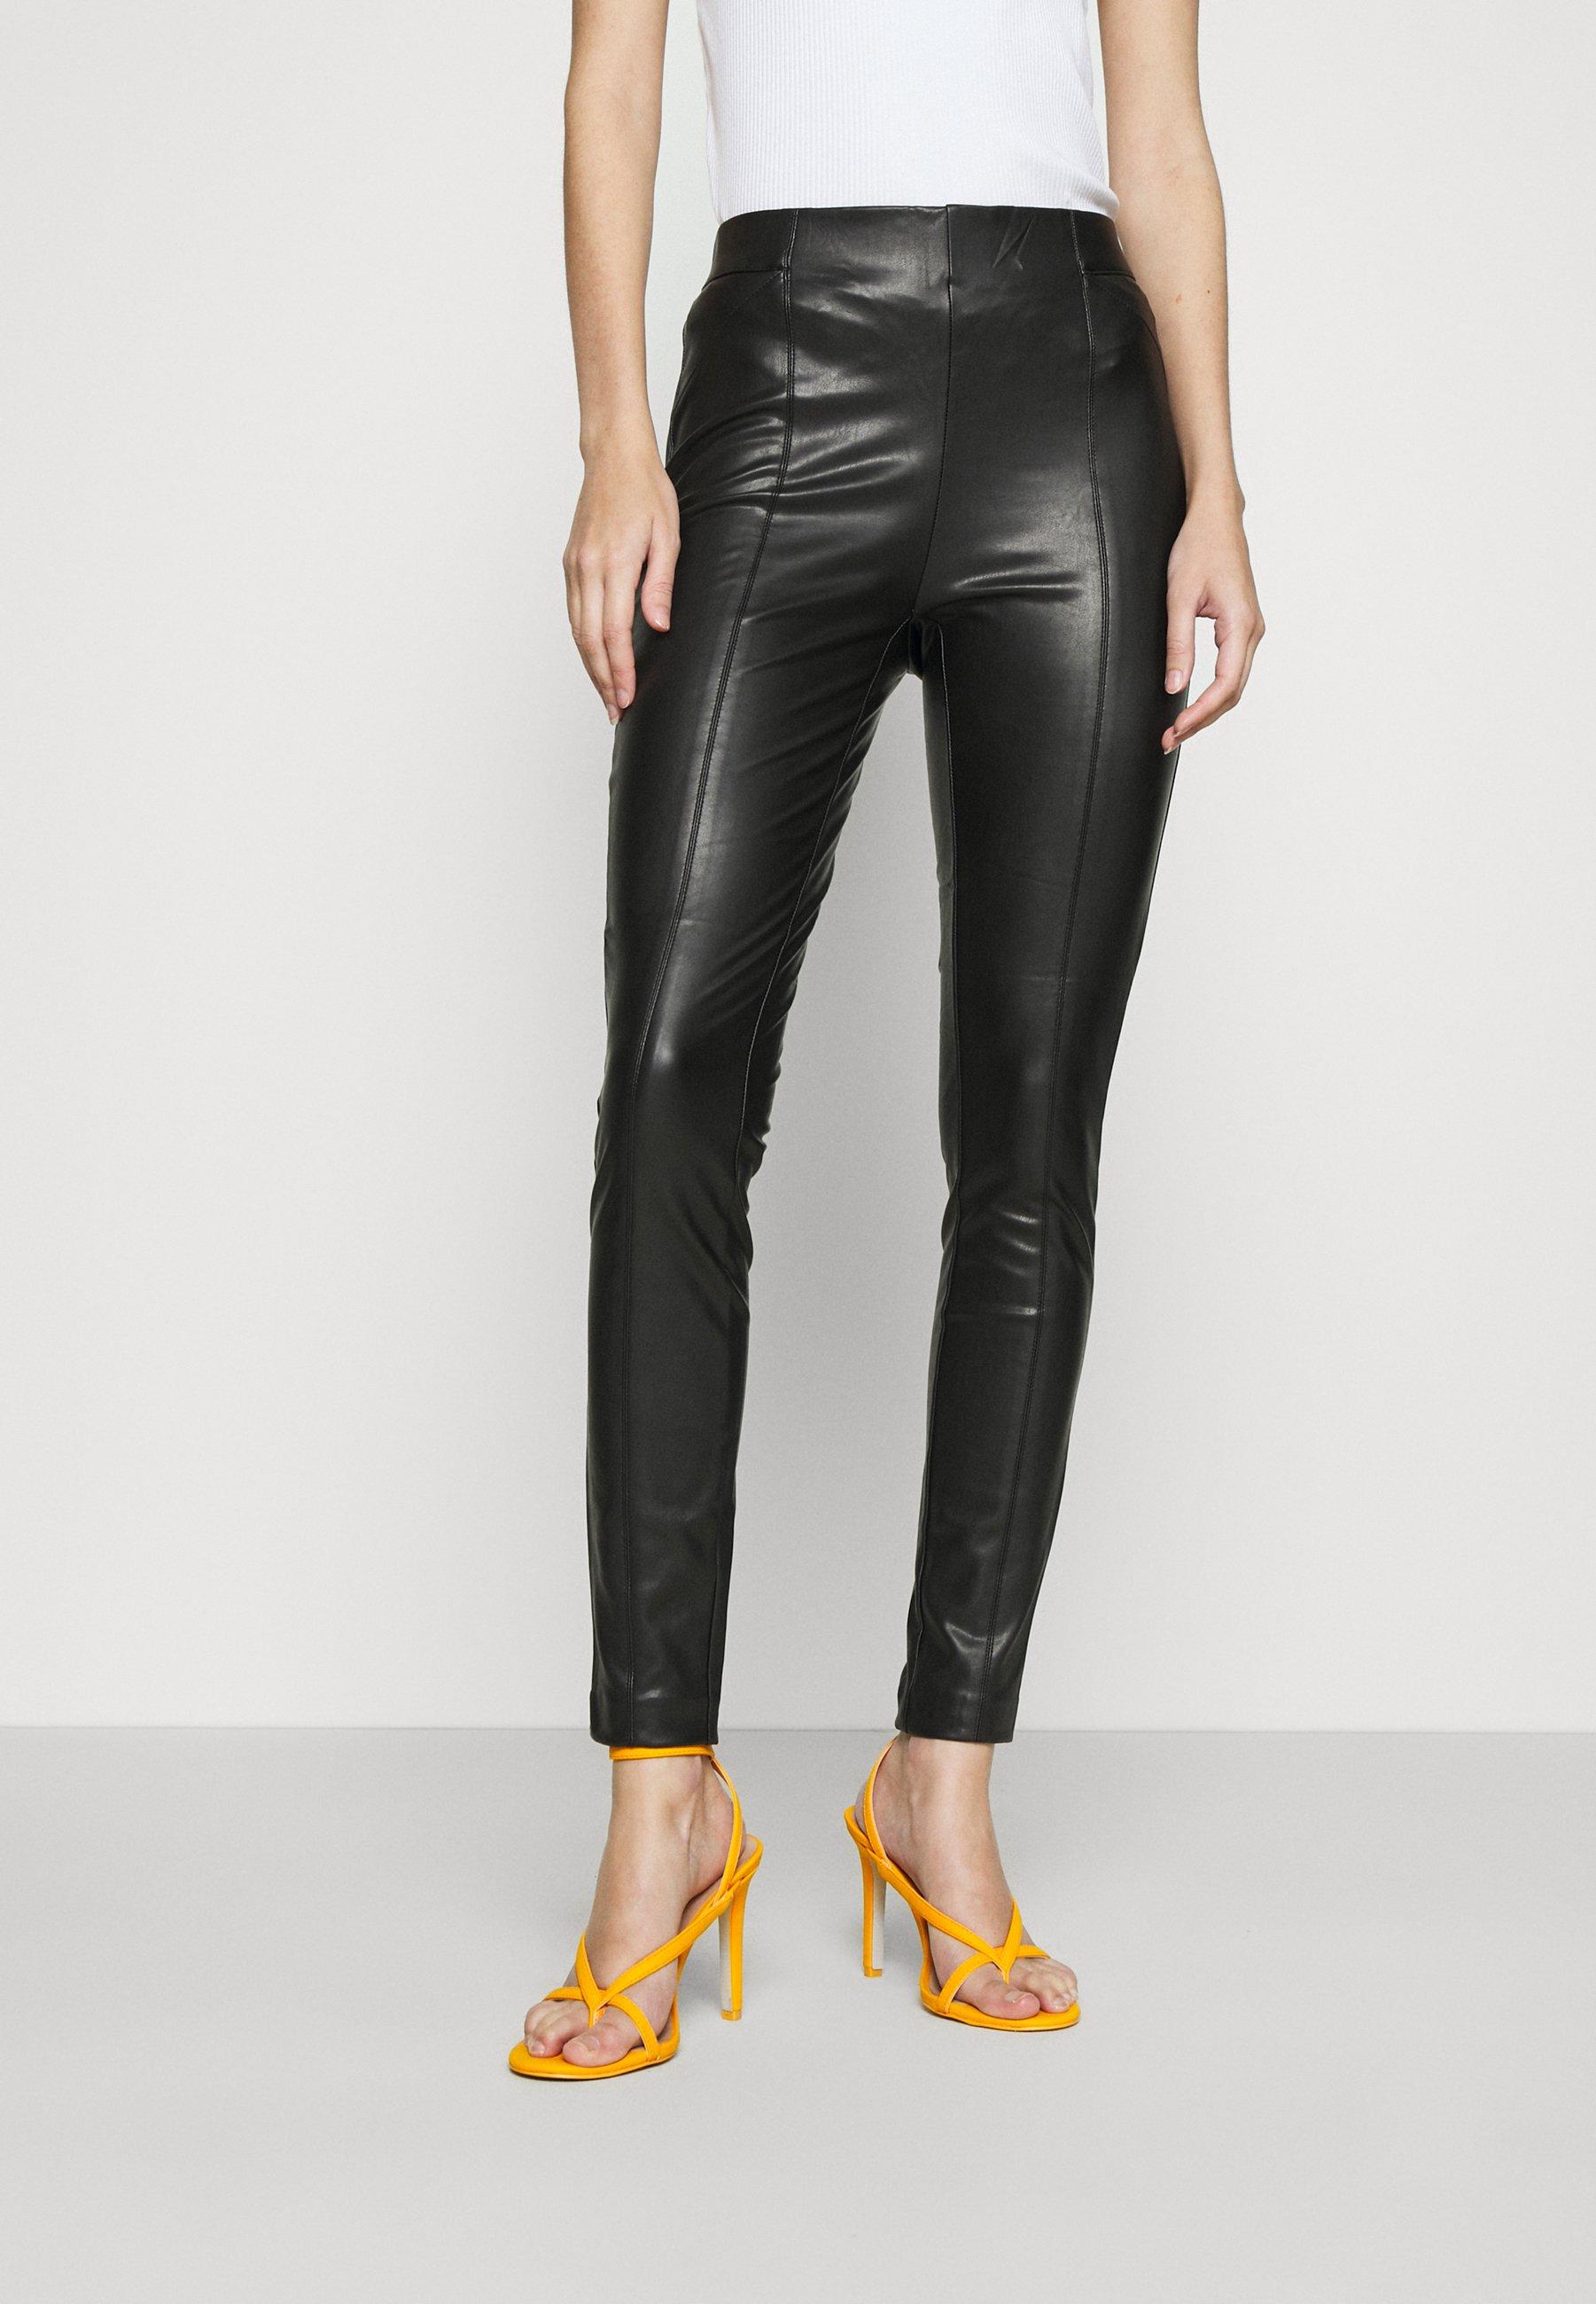 Damen ONLJESSIE - Leggings - Hosen